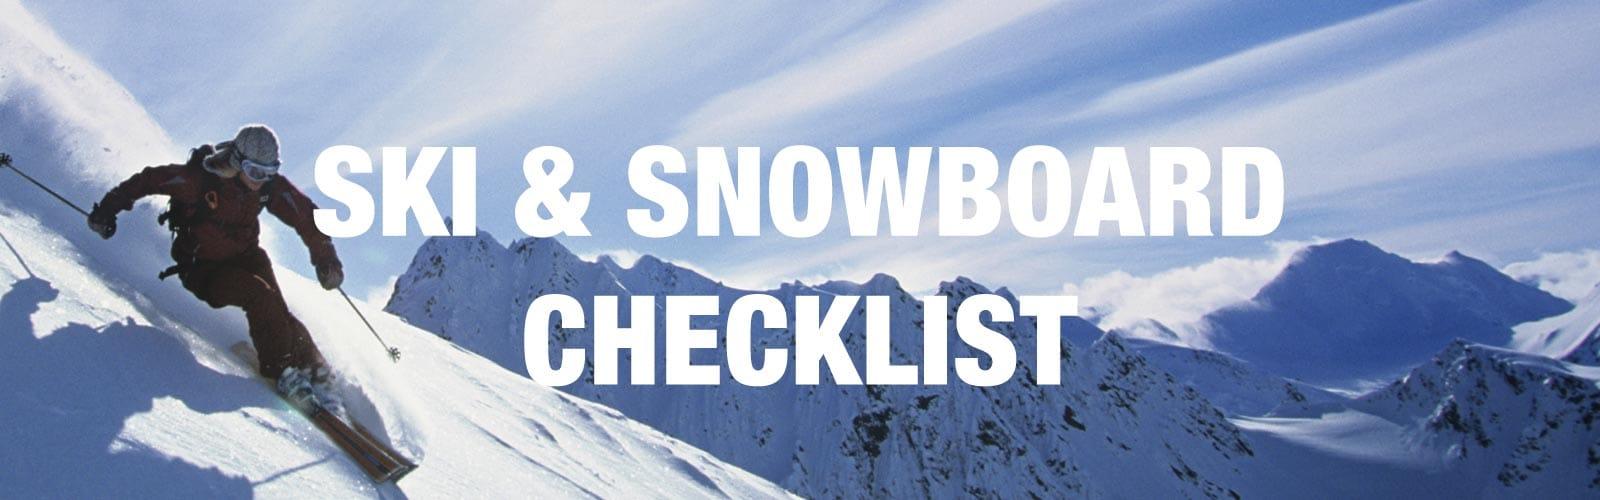 Ski and Snowboard Checklist